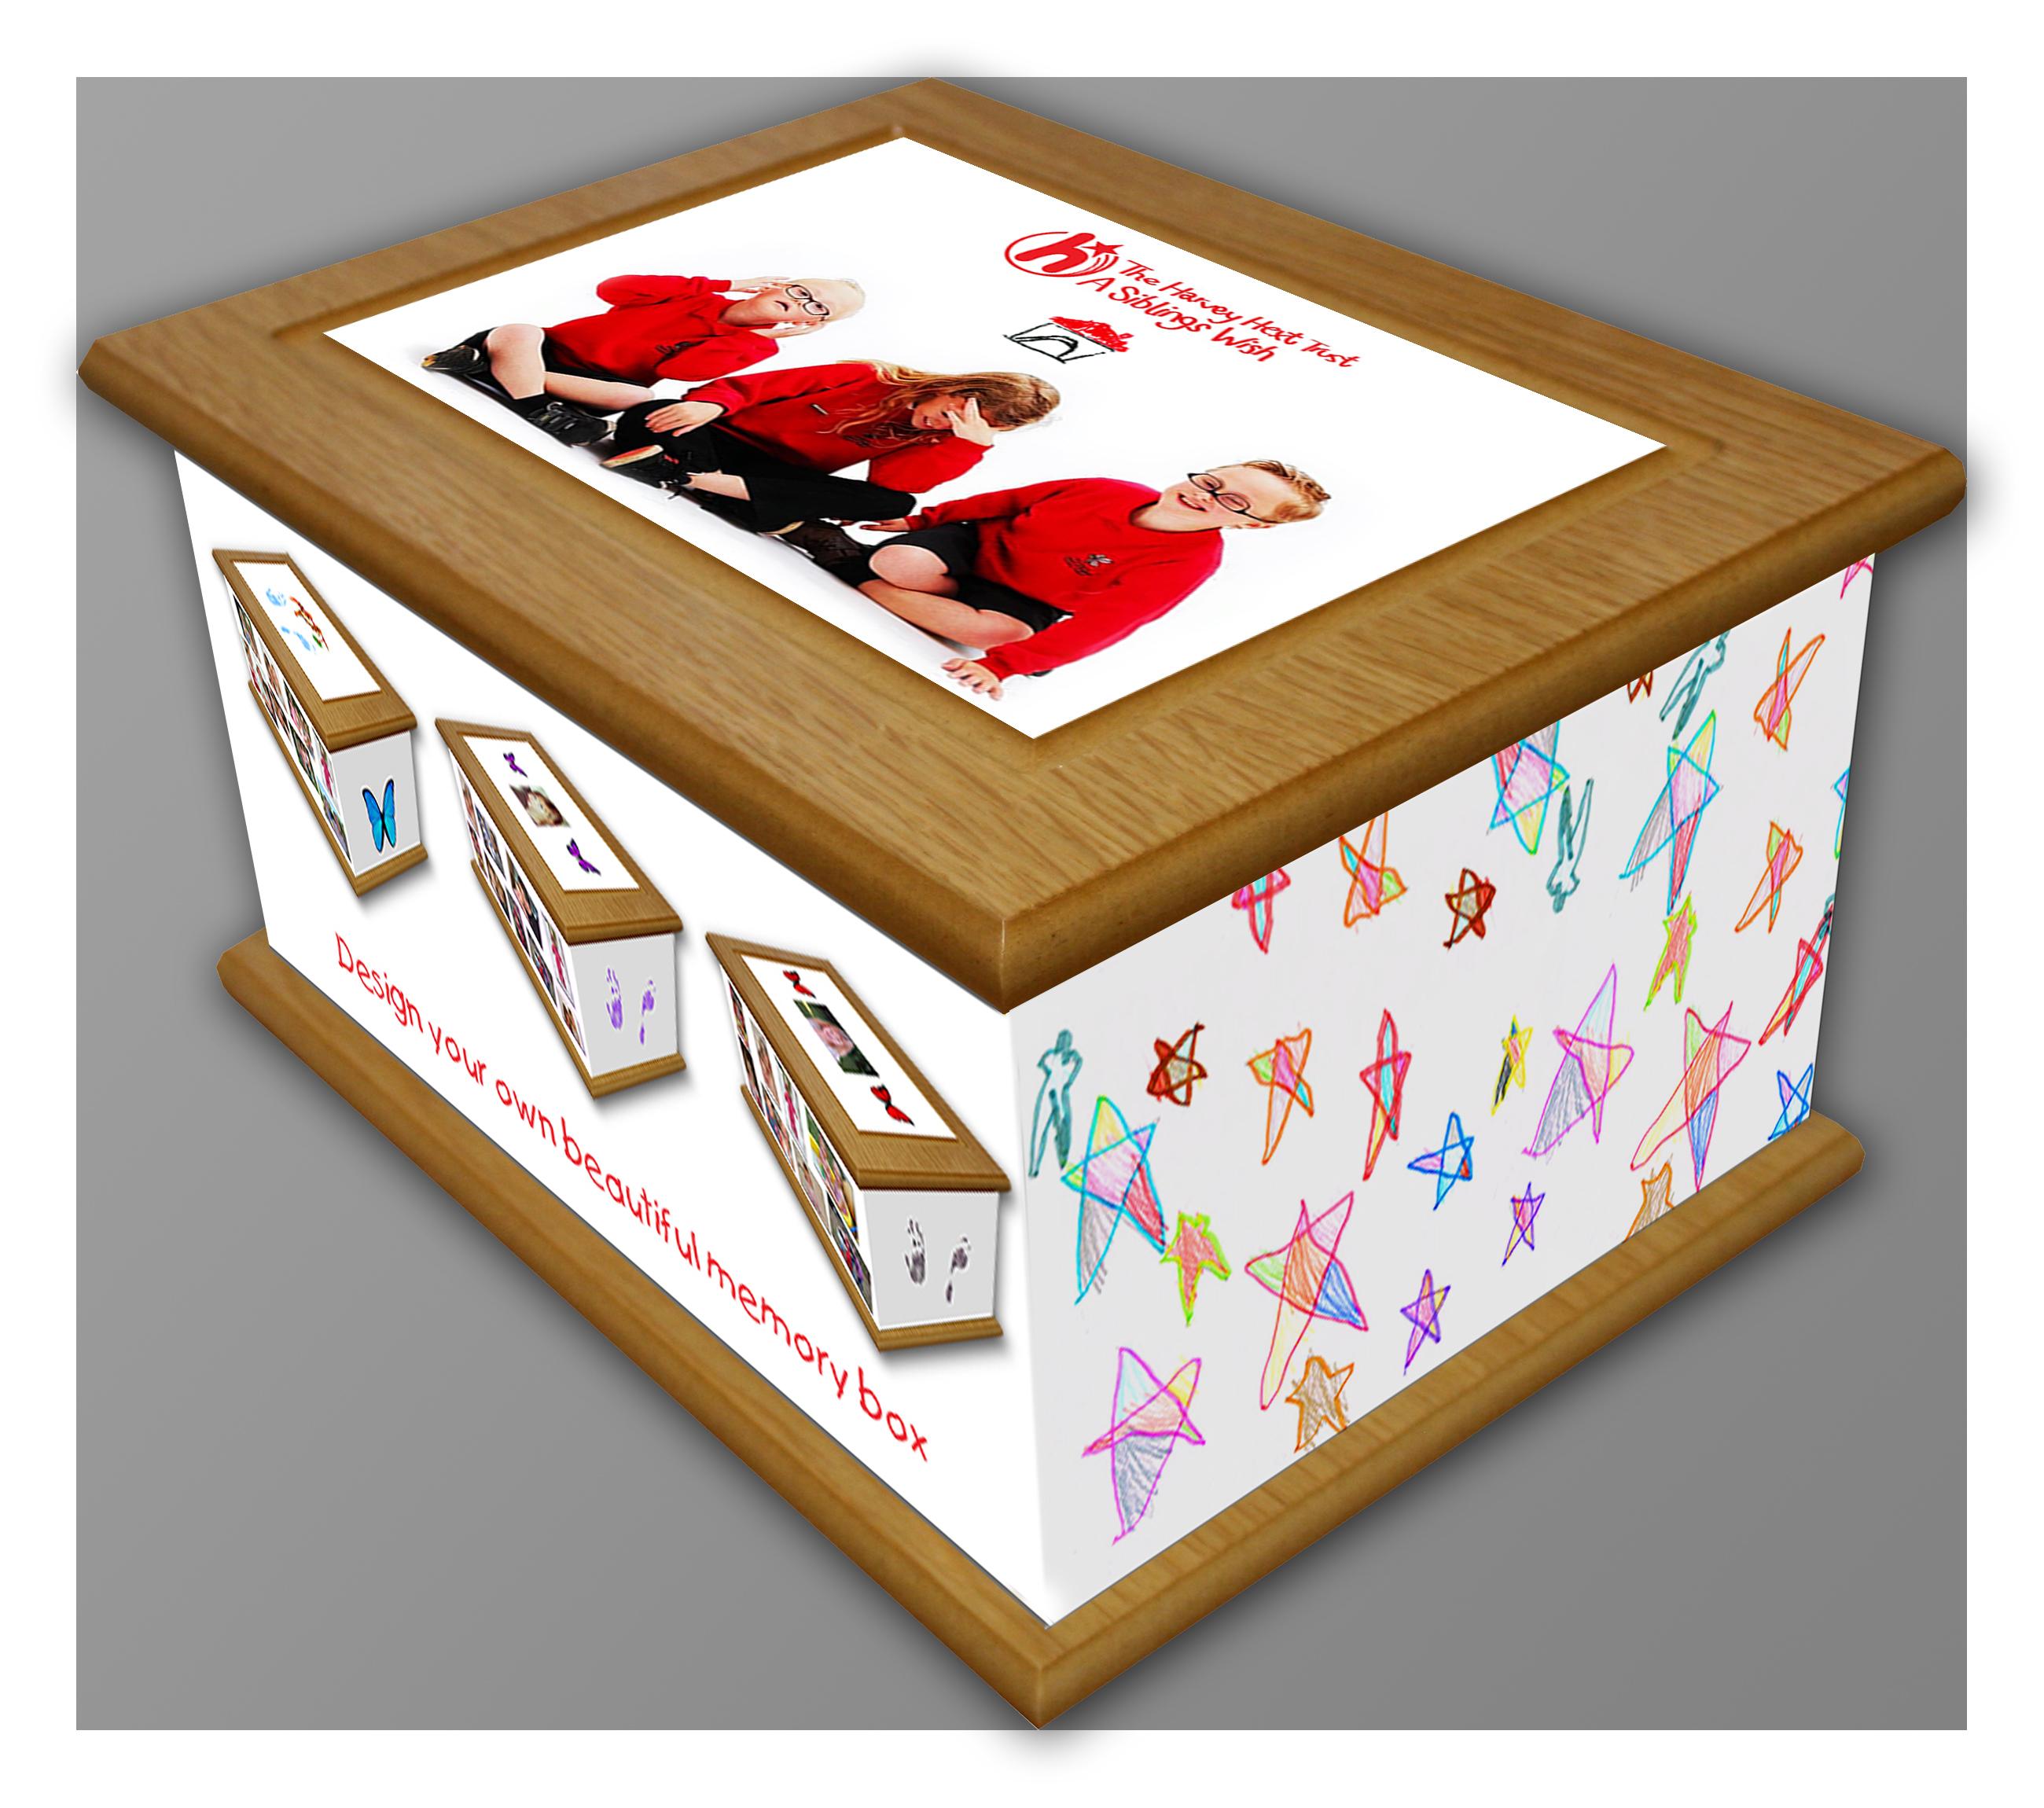 Demo box hospice